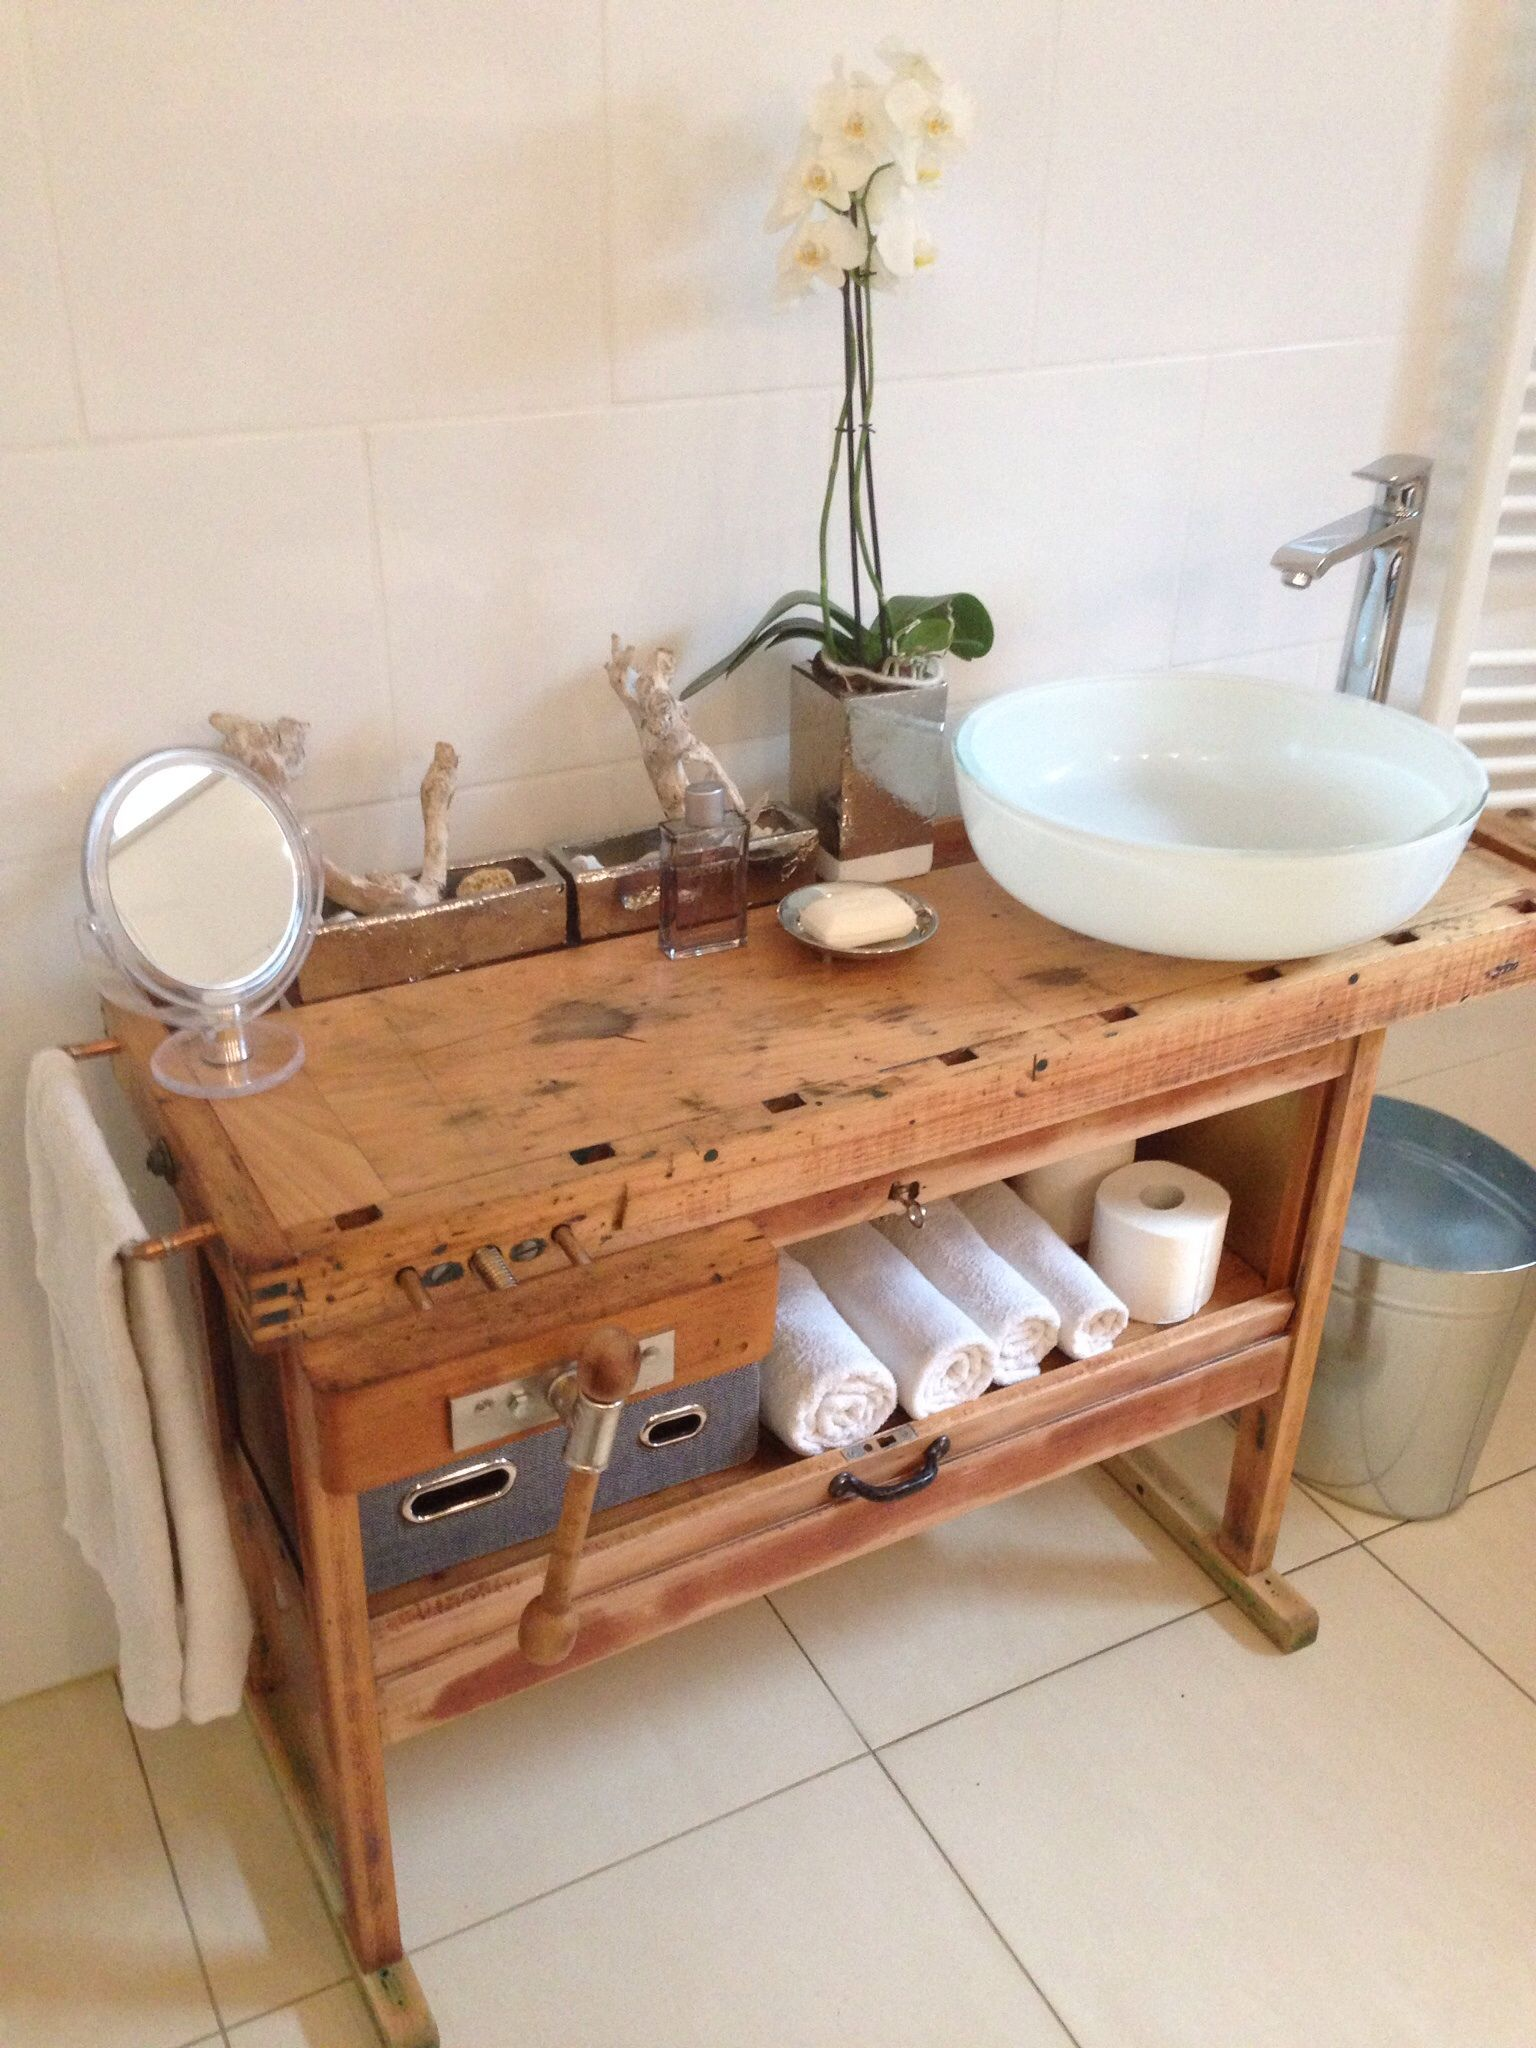 waschtisch aus einer hobelbank helenes reich pinterest hobelbank waschtisch und nrw. Black Bedroom Furniture Sets. Home Design Ideas